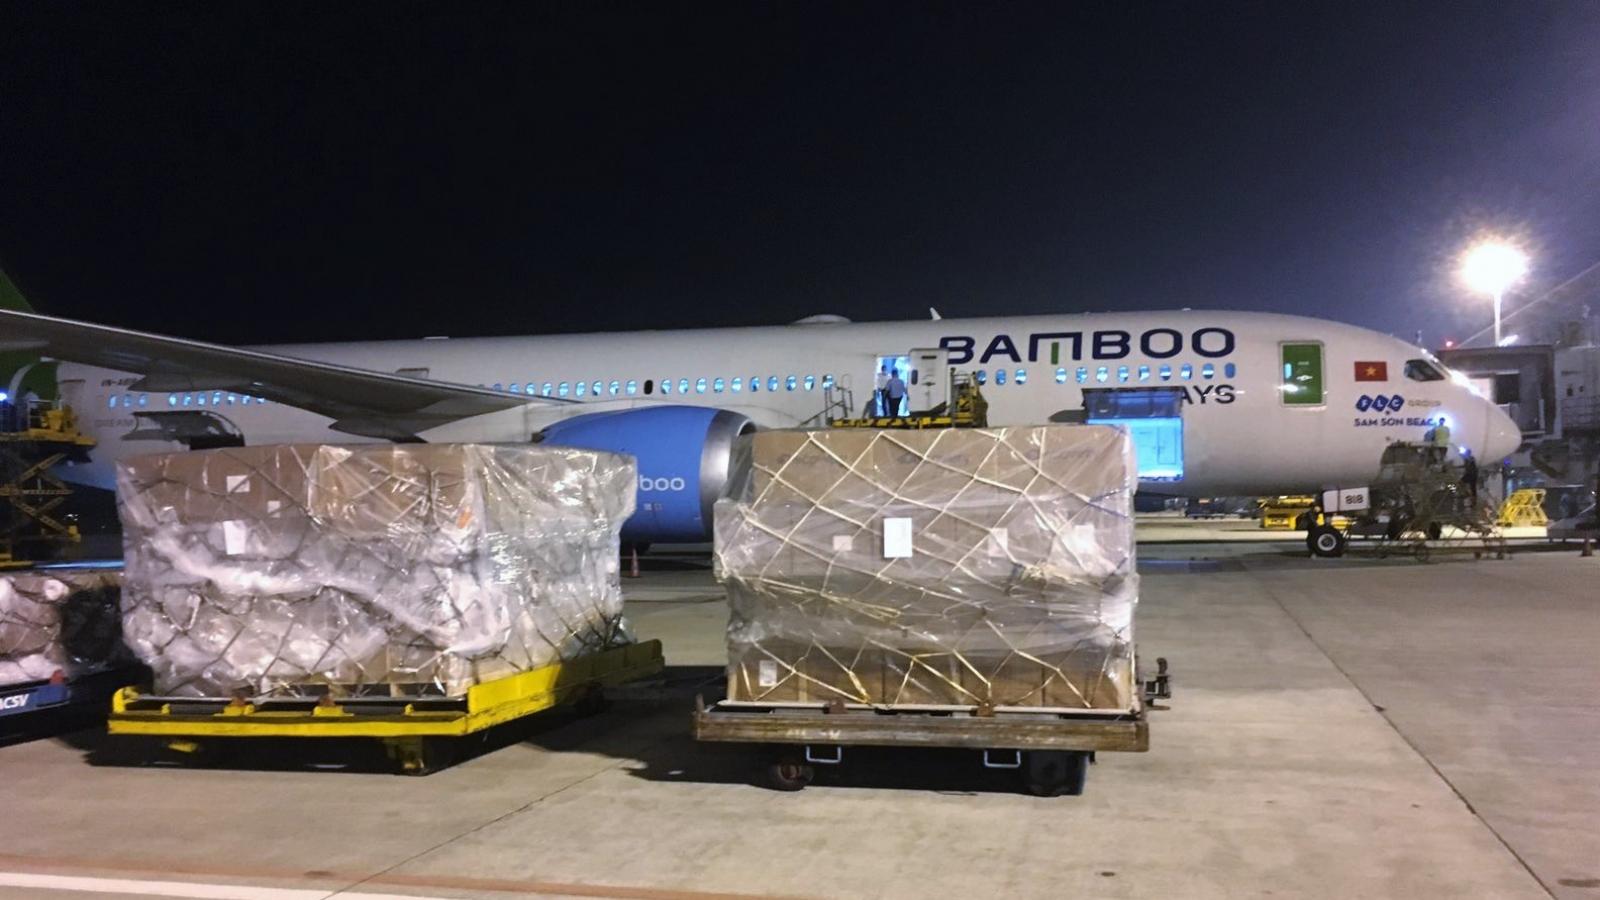 Bamboo Airways tặng vé tổ chức, cá nhân hoạt động thiện nguyện hỗ trợ đồng bào bị lũ lụt